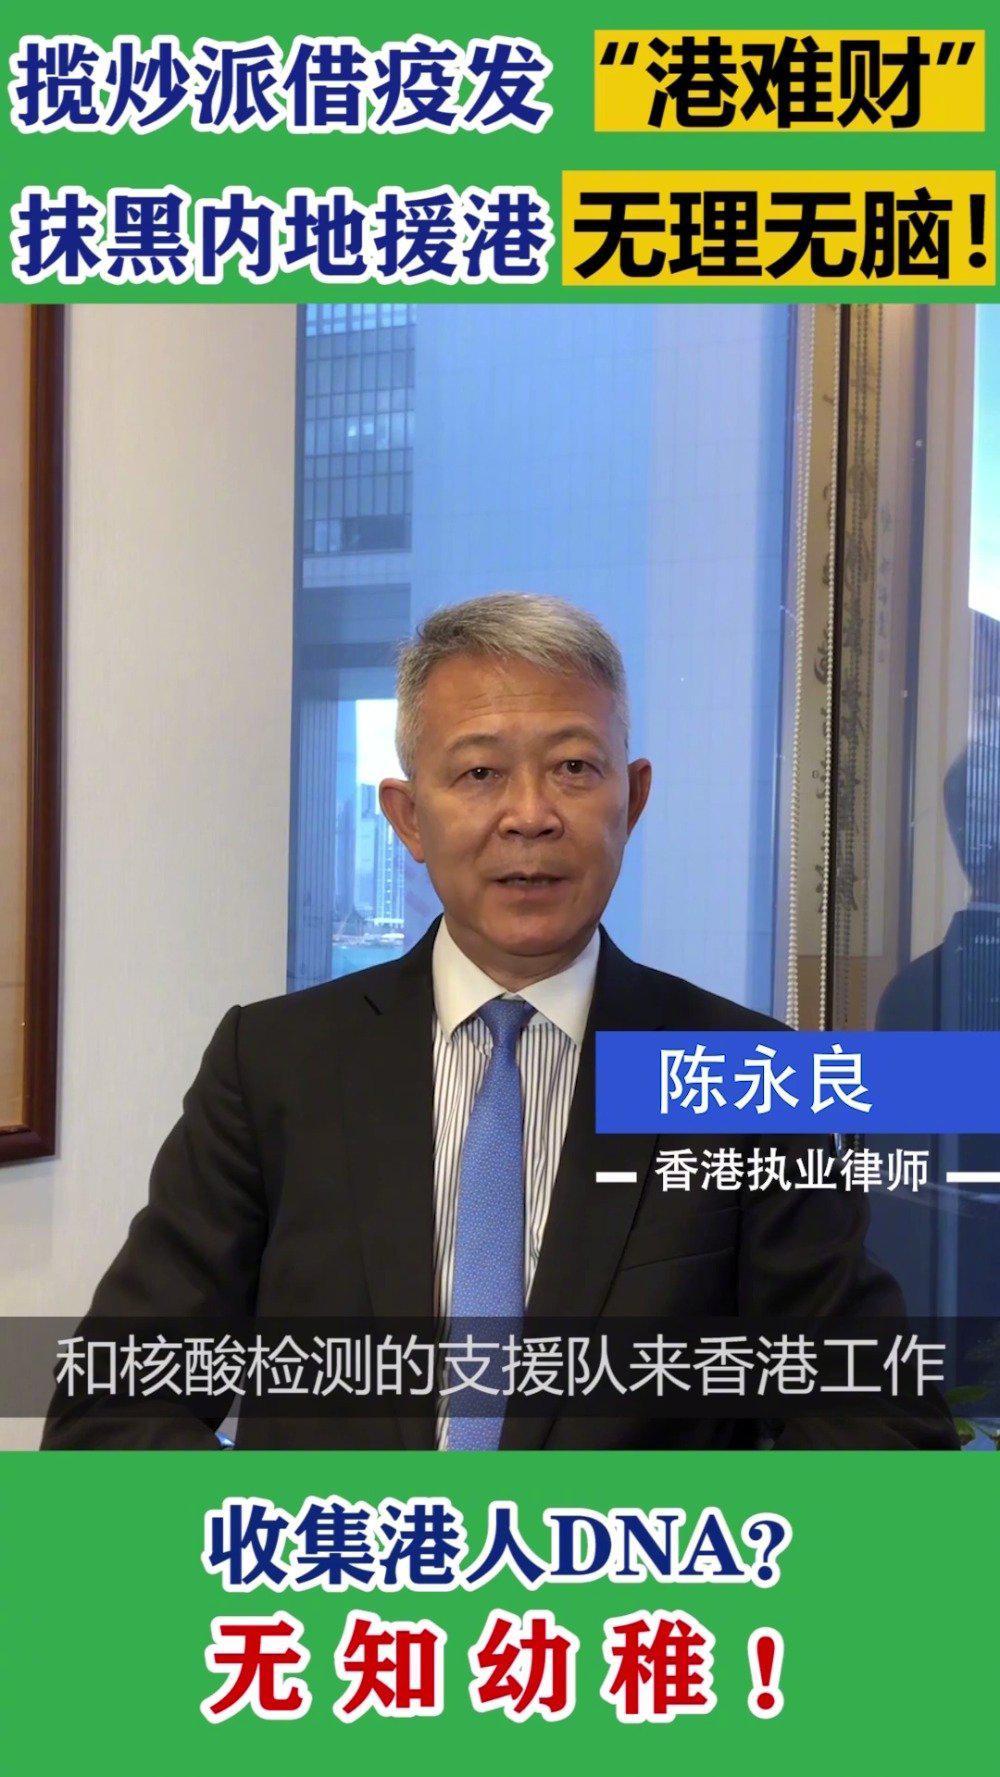 香港执业律师陈永良:中央支援确实为了香港好